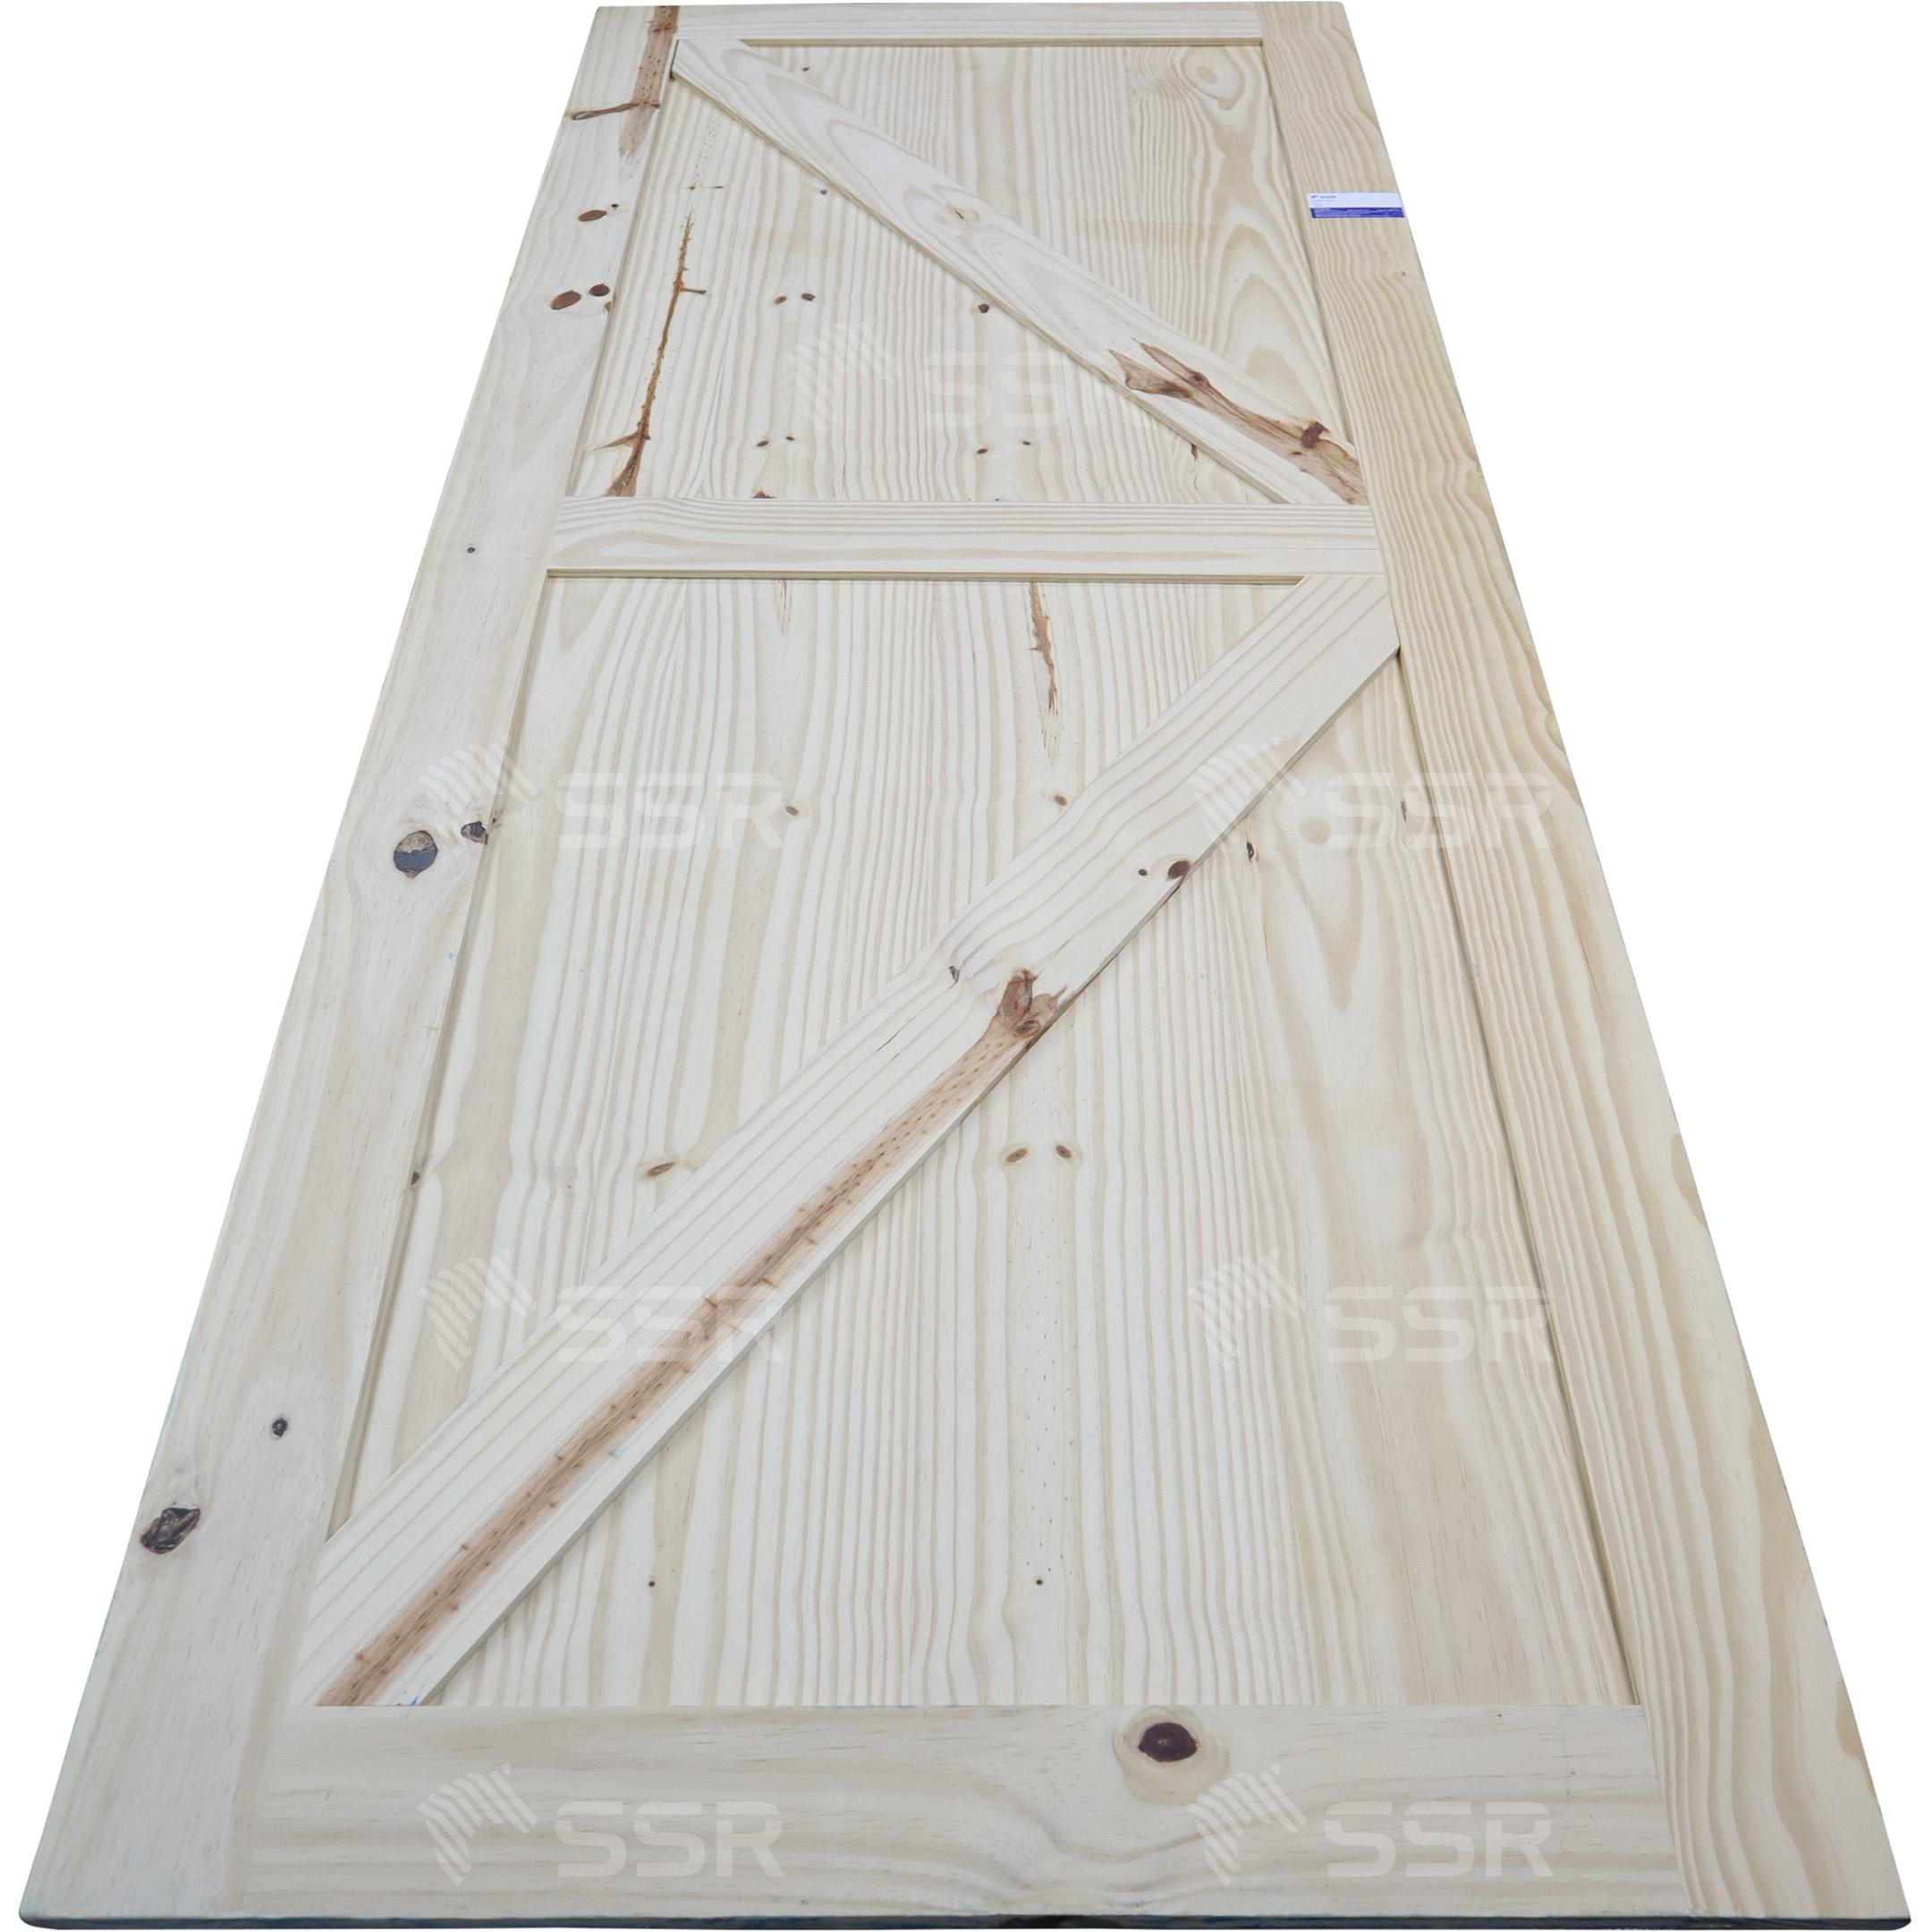 소나무과 목제 문 단단한 나무 천연 나무 단단한 나무 나무 판자 목재 패널 나무 보드 목재 산업 국제 목재 제품 공급 업체 FSC 인증